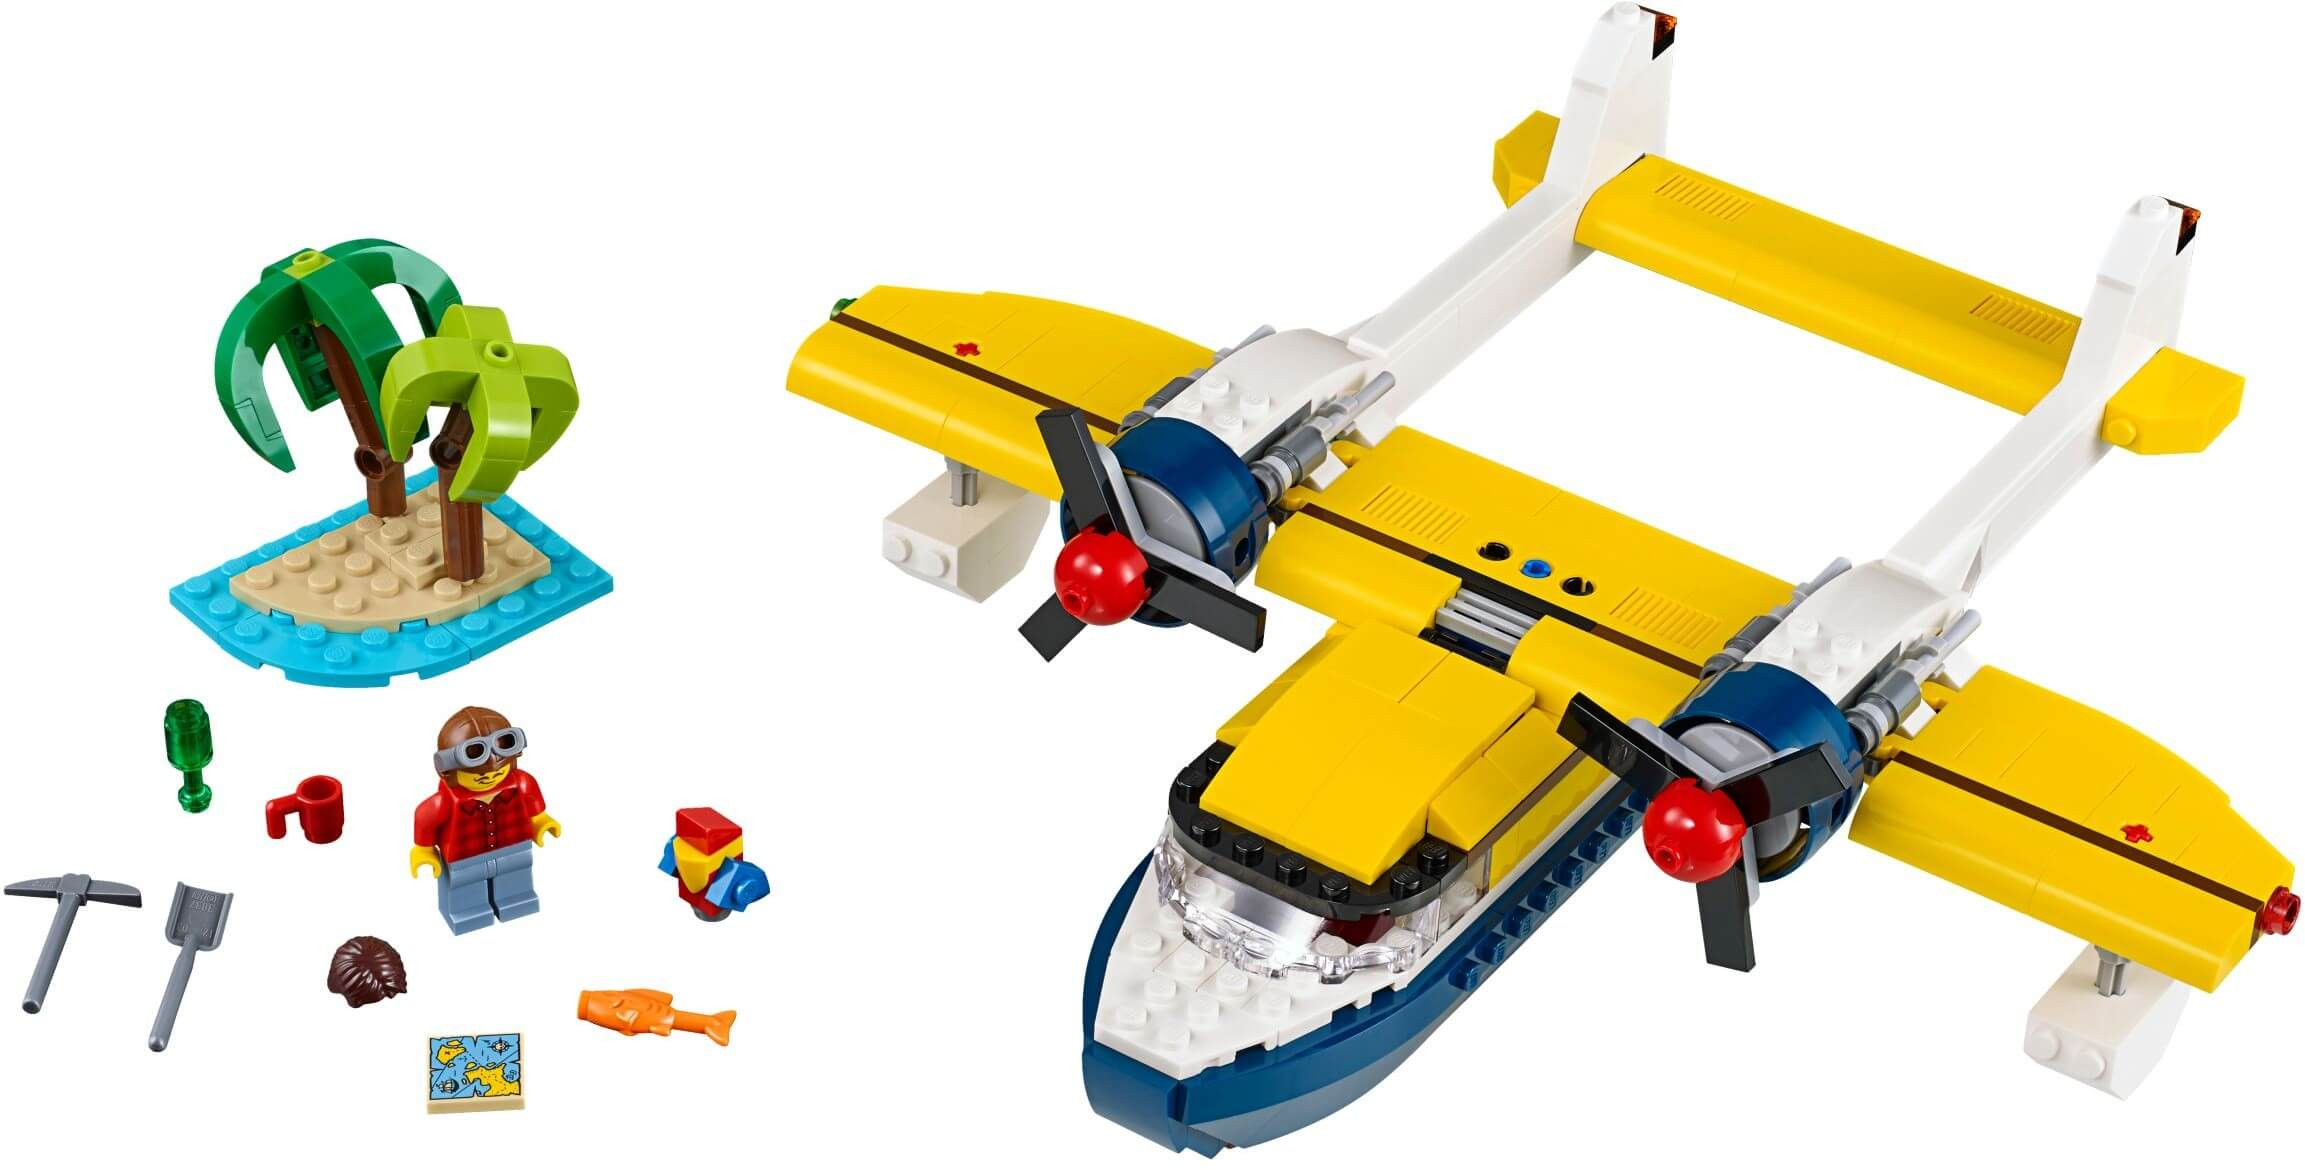 Mua đồ chơi LEGO 31064 - LEGO Creator 31064 - Mô Hình Máy Bay - Nhà - Tàu Thủy 3-trong-1 (LEGO 31064 Island Adventures)